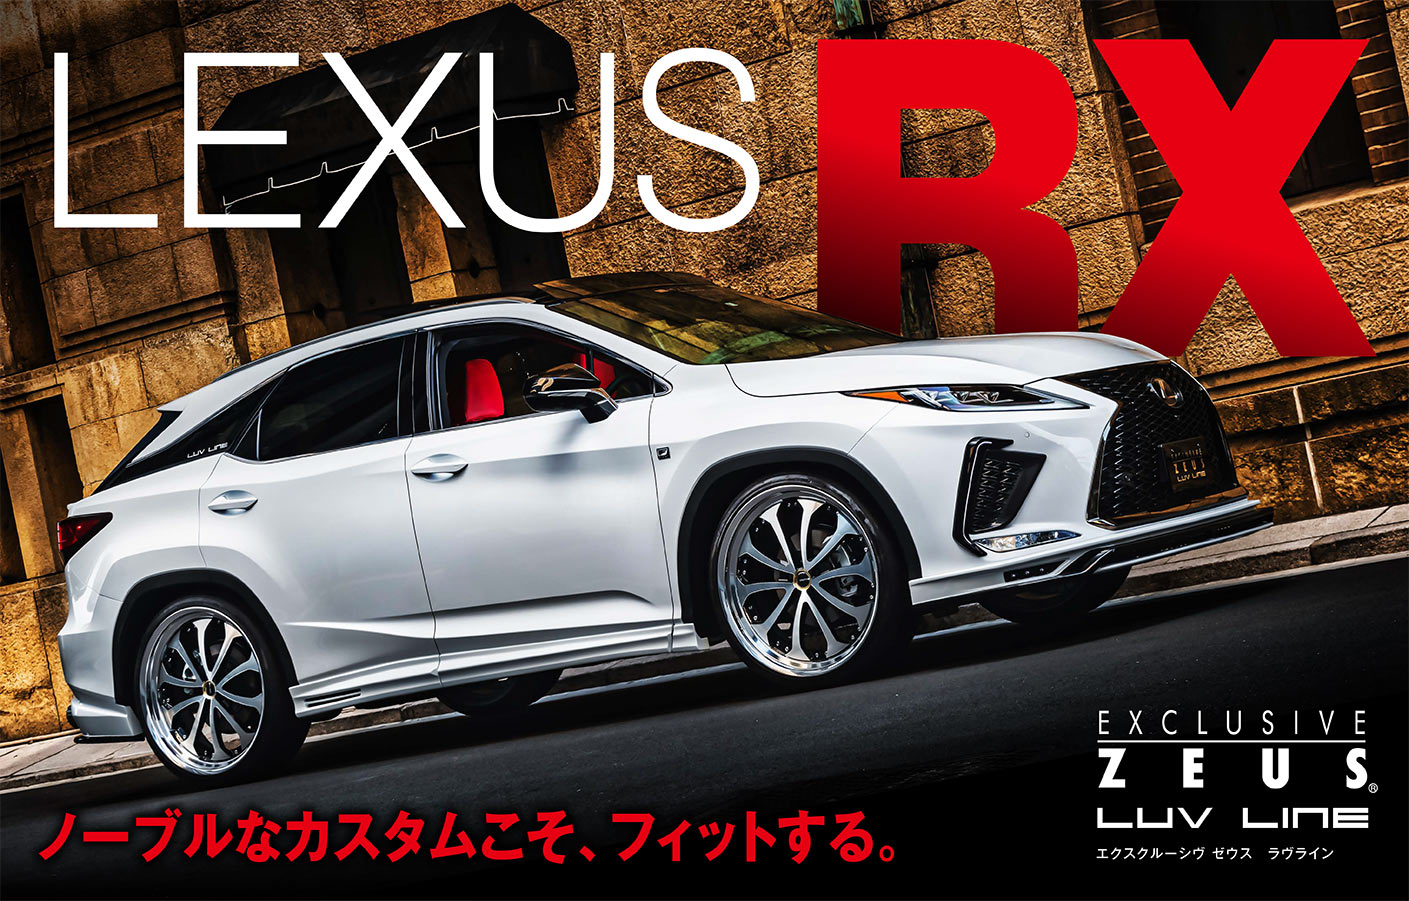 ノーブルなカスタムこそ、フィットする。 EXCLUSIVE ZEUS LUV LINE エクスクルーシヴ ゼウス ラブライン LEXUS RX 2019/10-